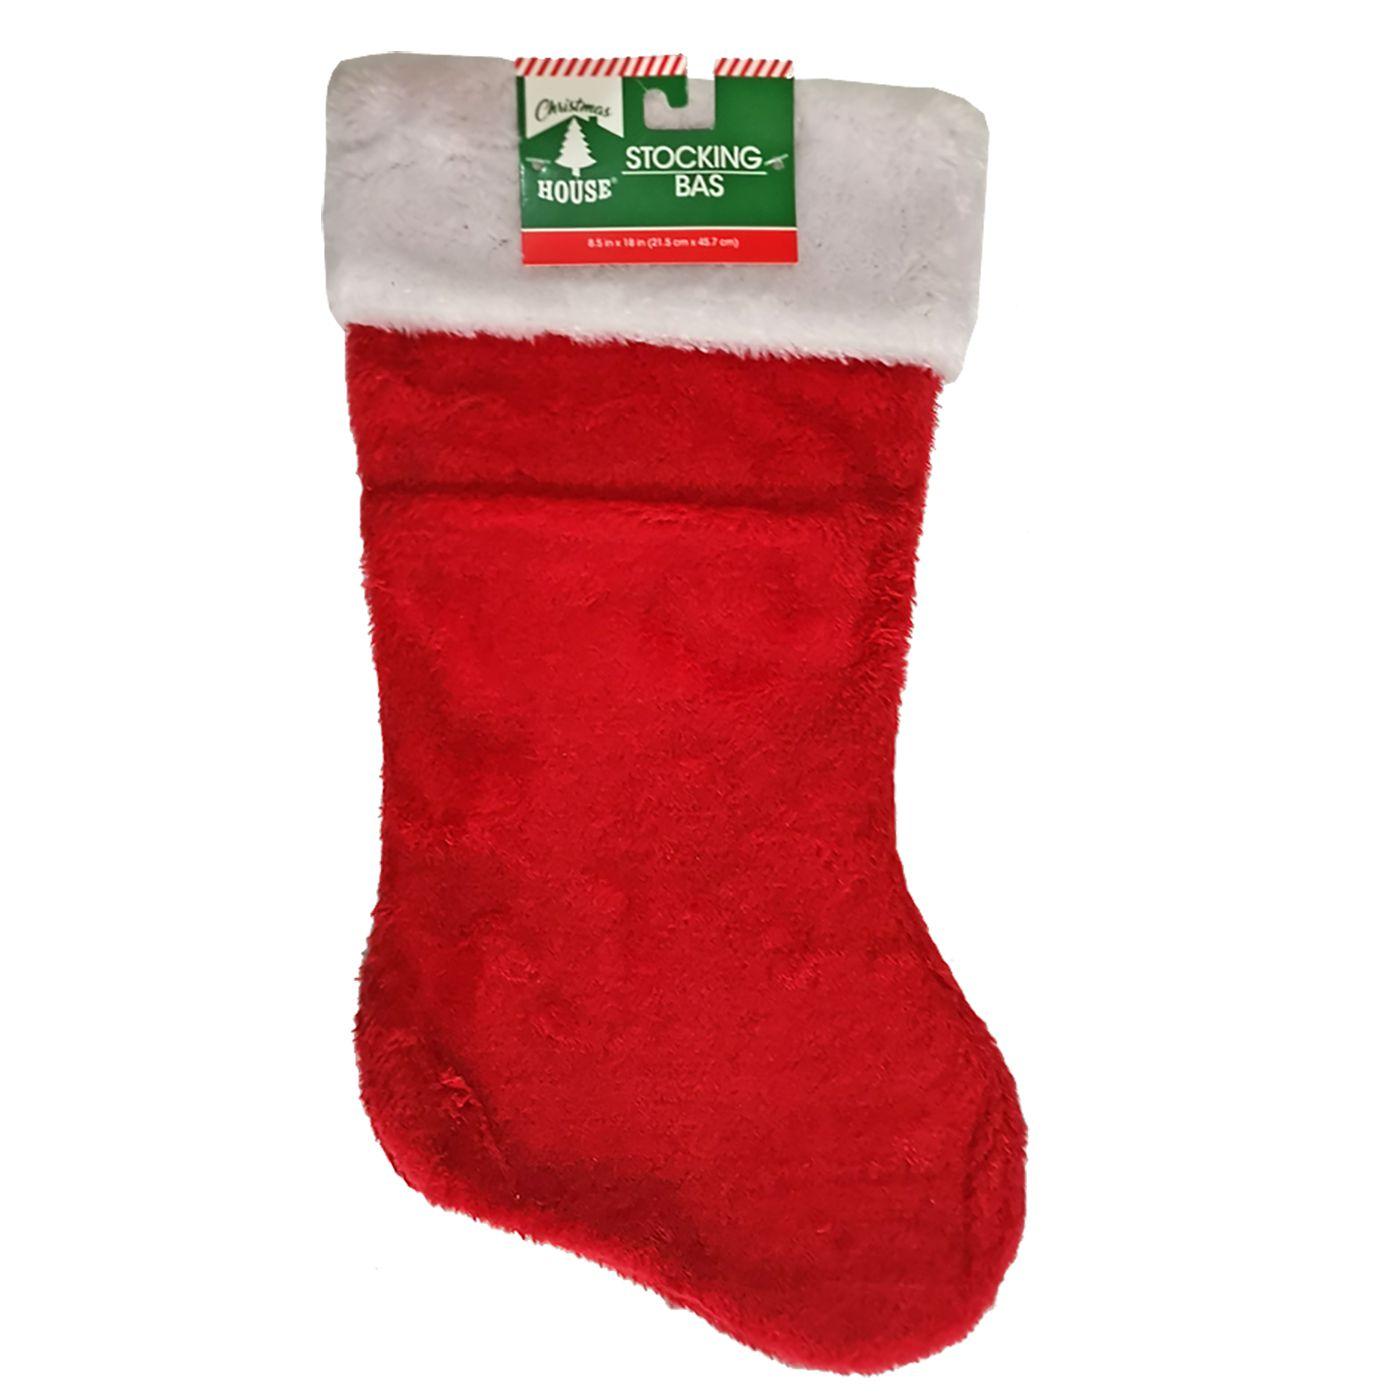 Χριστουγεννιάτικη Διακοσμητική Μπότα Λούτρινη 42×22εκ. Xmasfest 93-2849 – Xmas fest – 93-2849